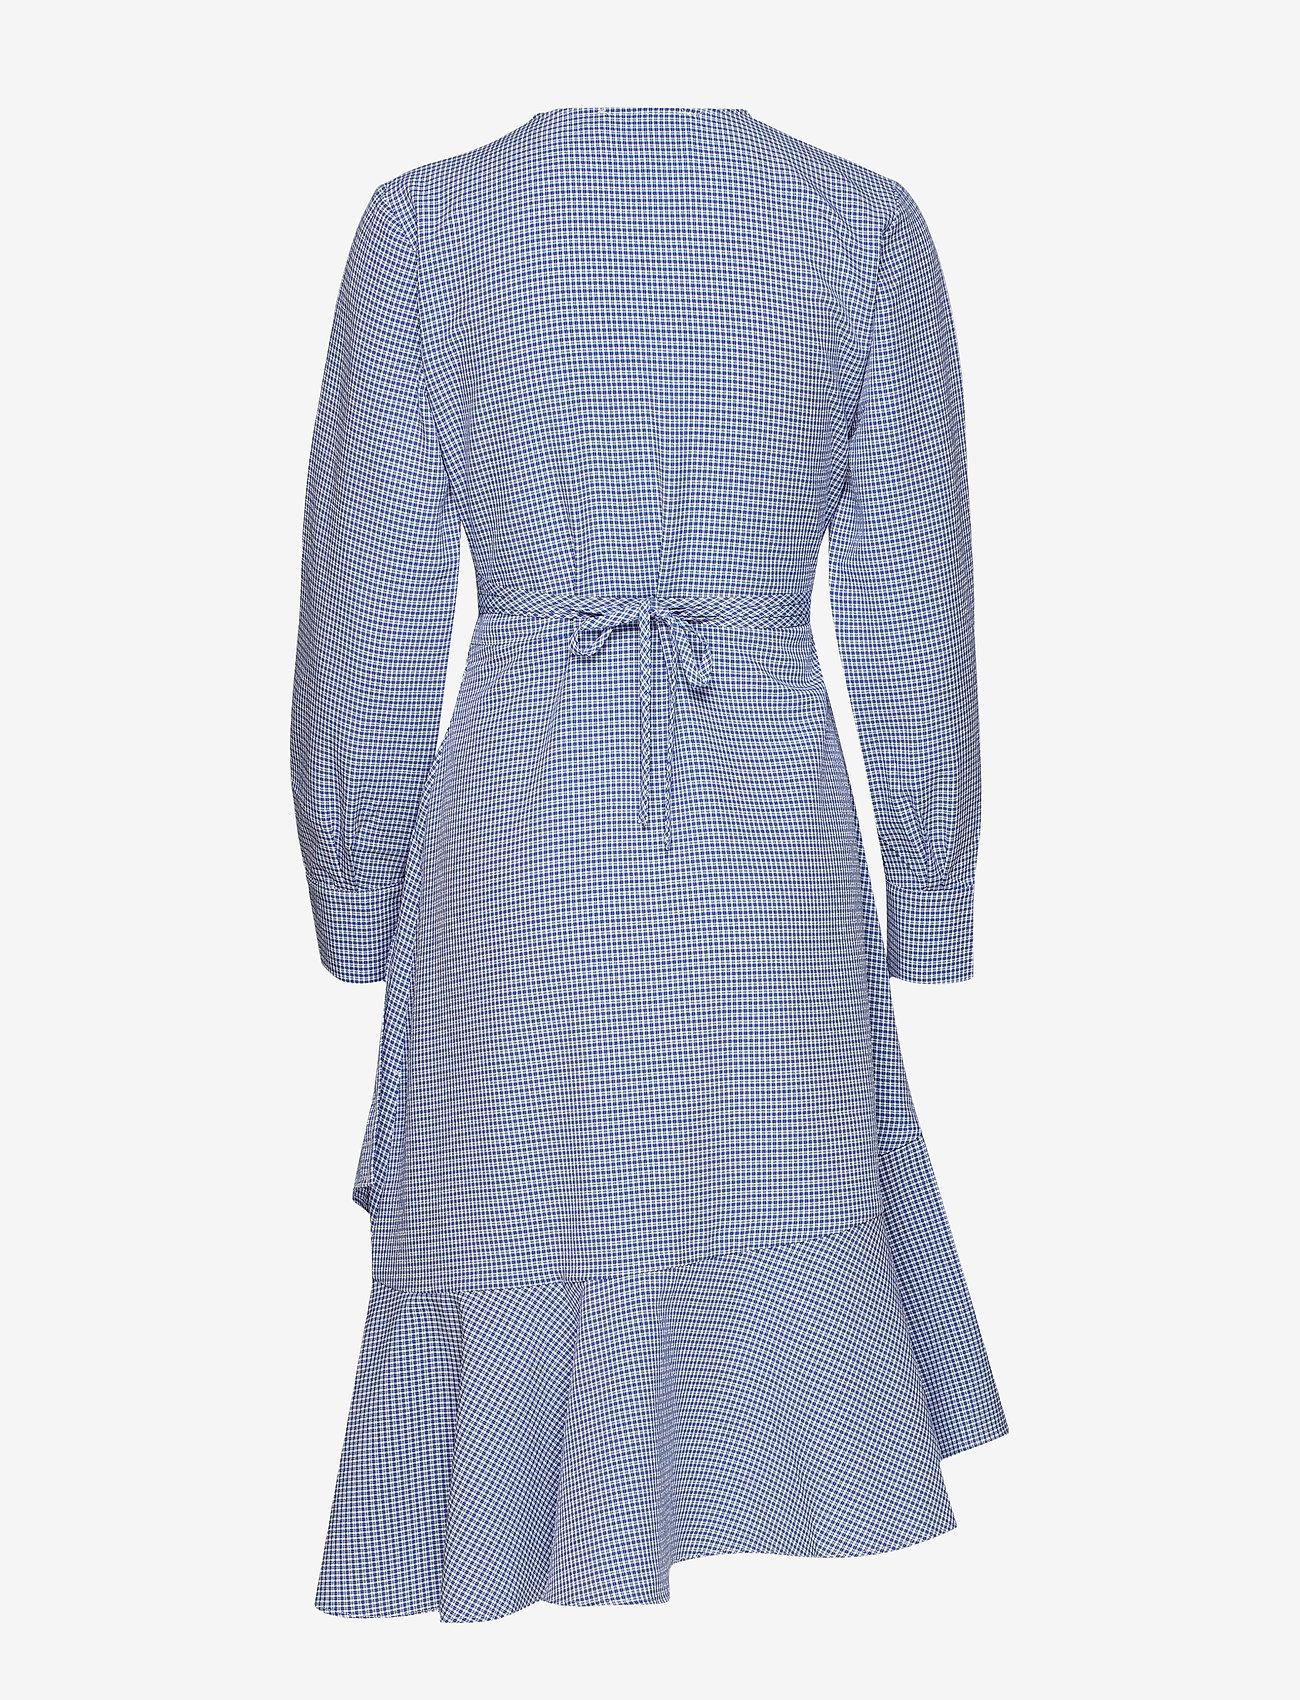 Munthe - Harper - robes portefeuille - blue - 1